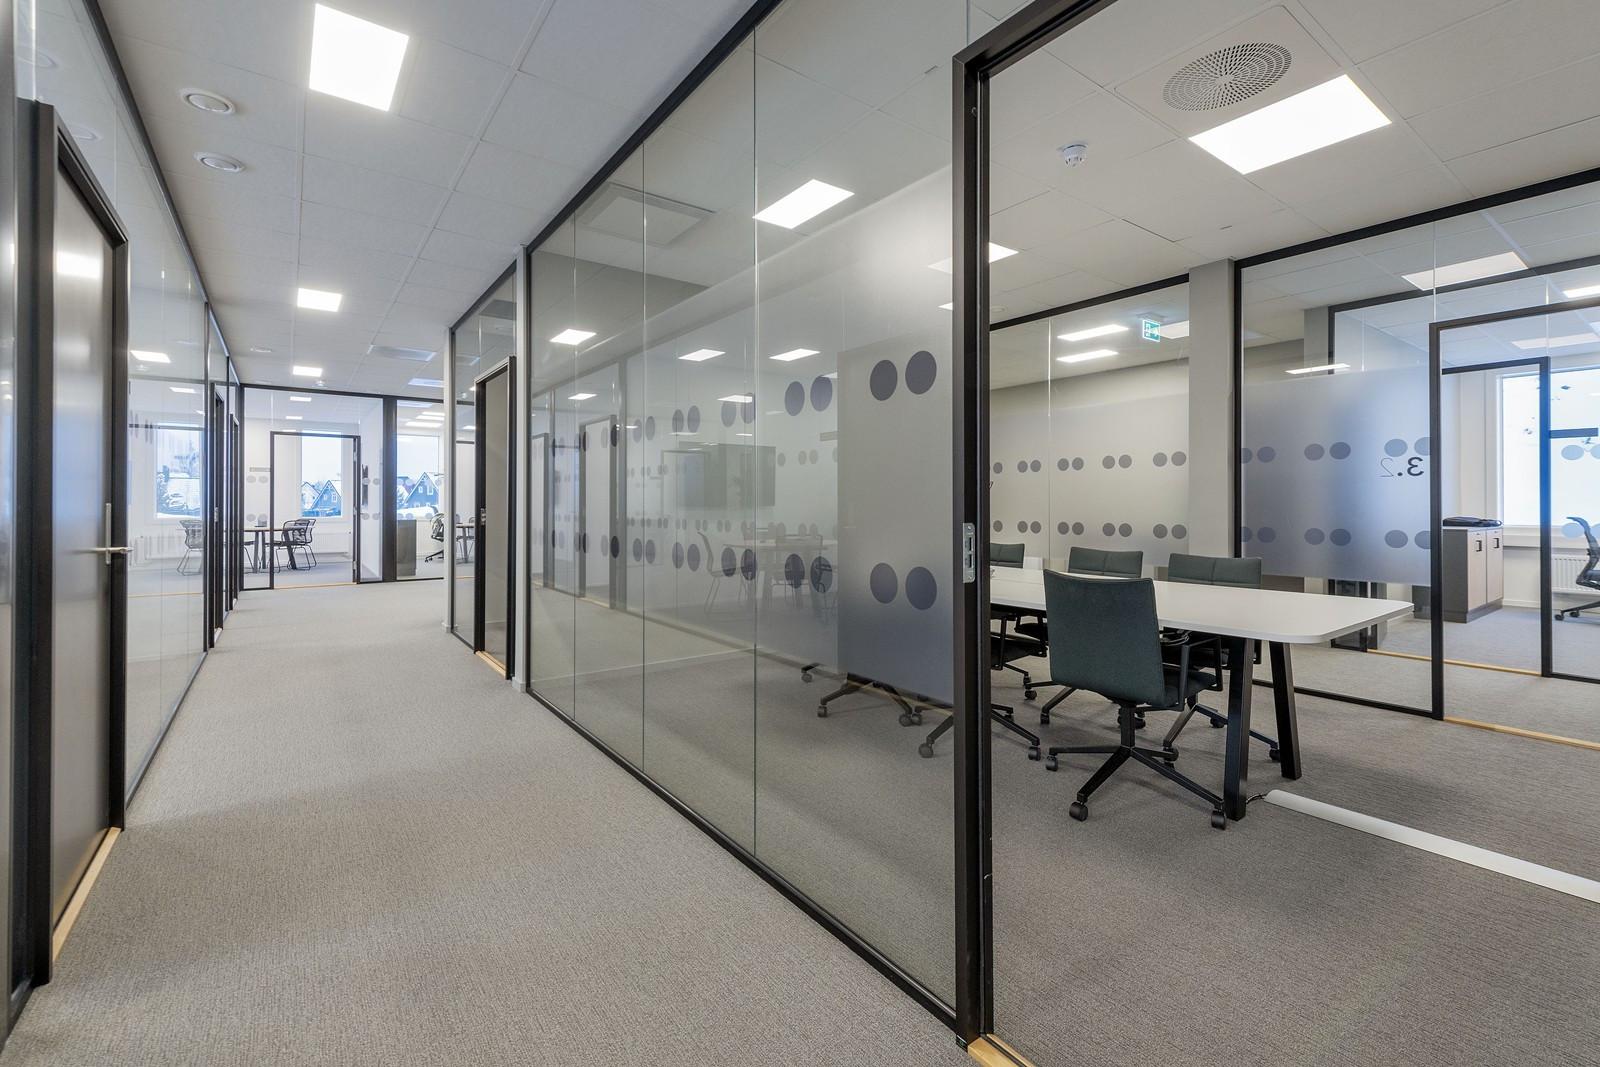 Ledig kontor 3. etasje - gangarealer og møterom